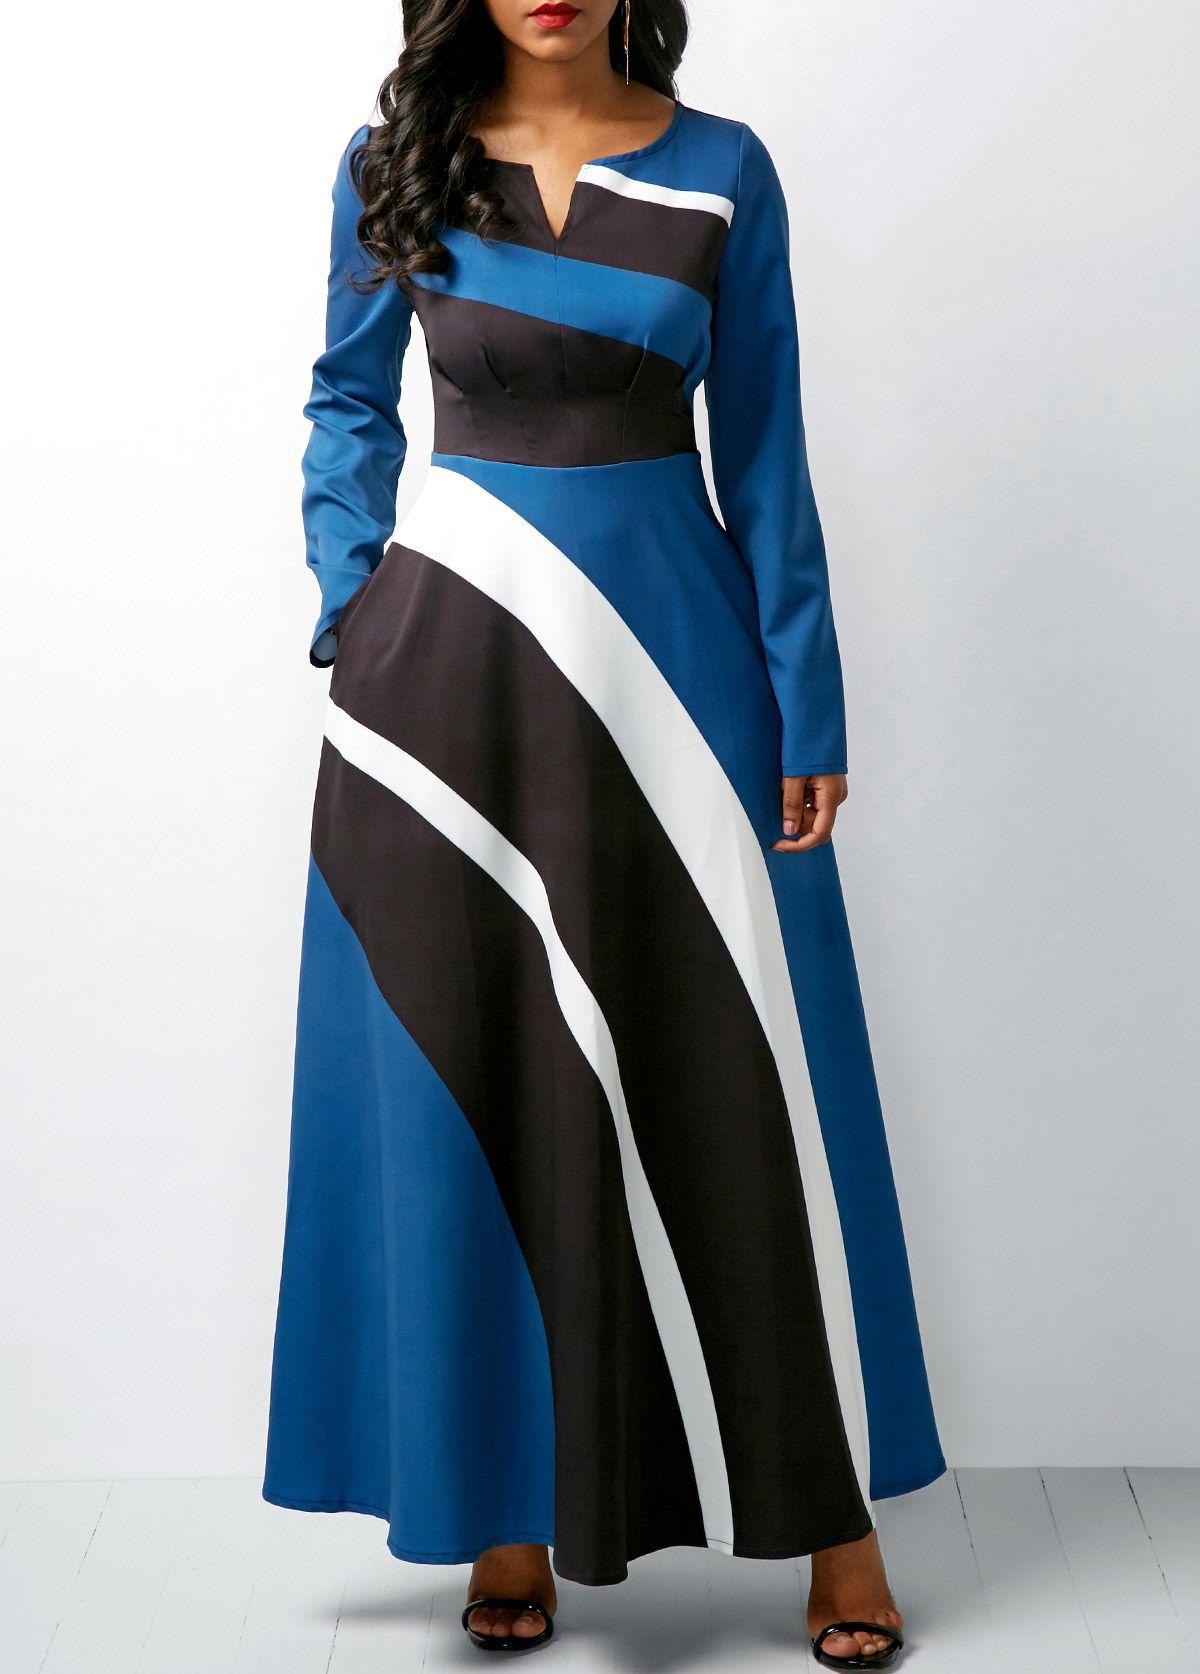 d22adde00a Long Sleeve Printed High Waist Split Neck Dress